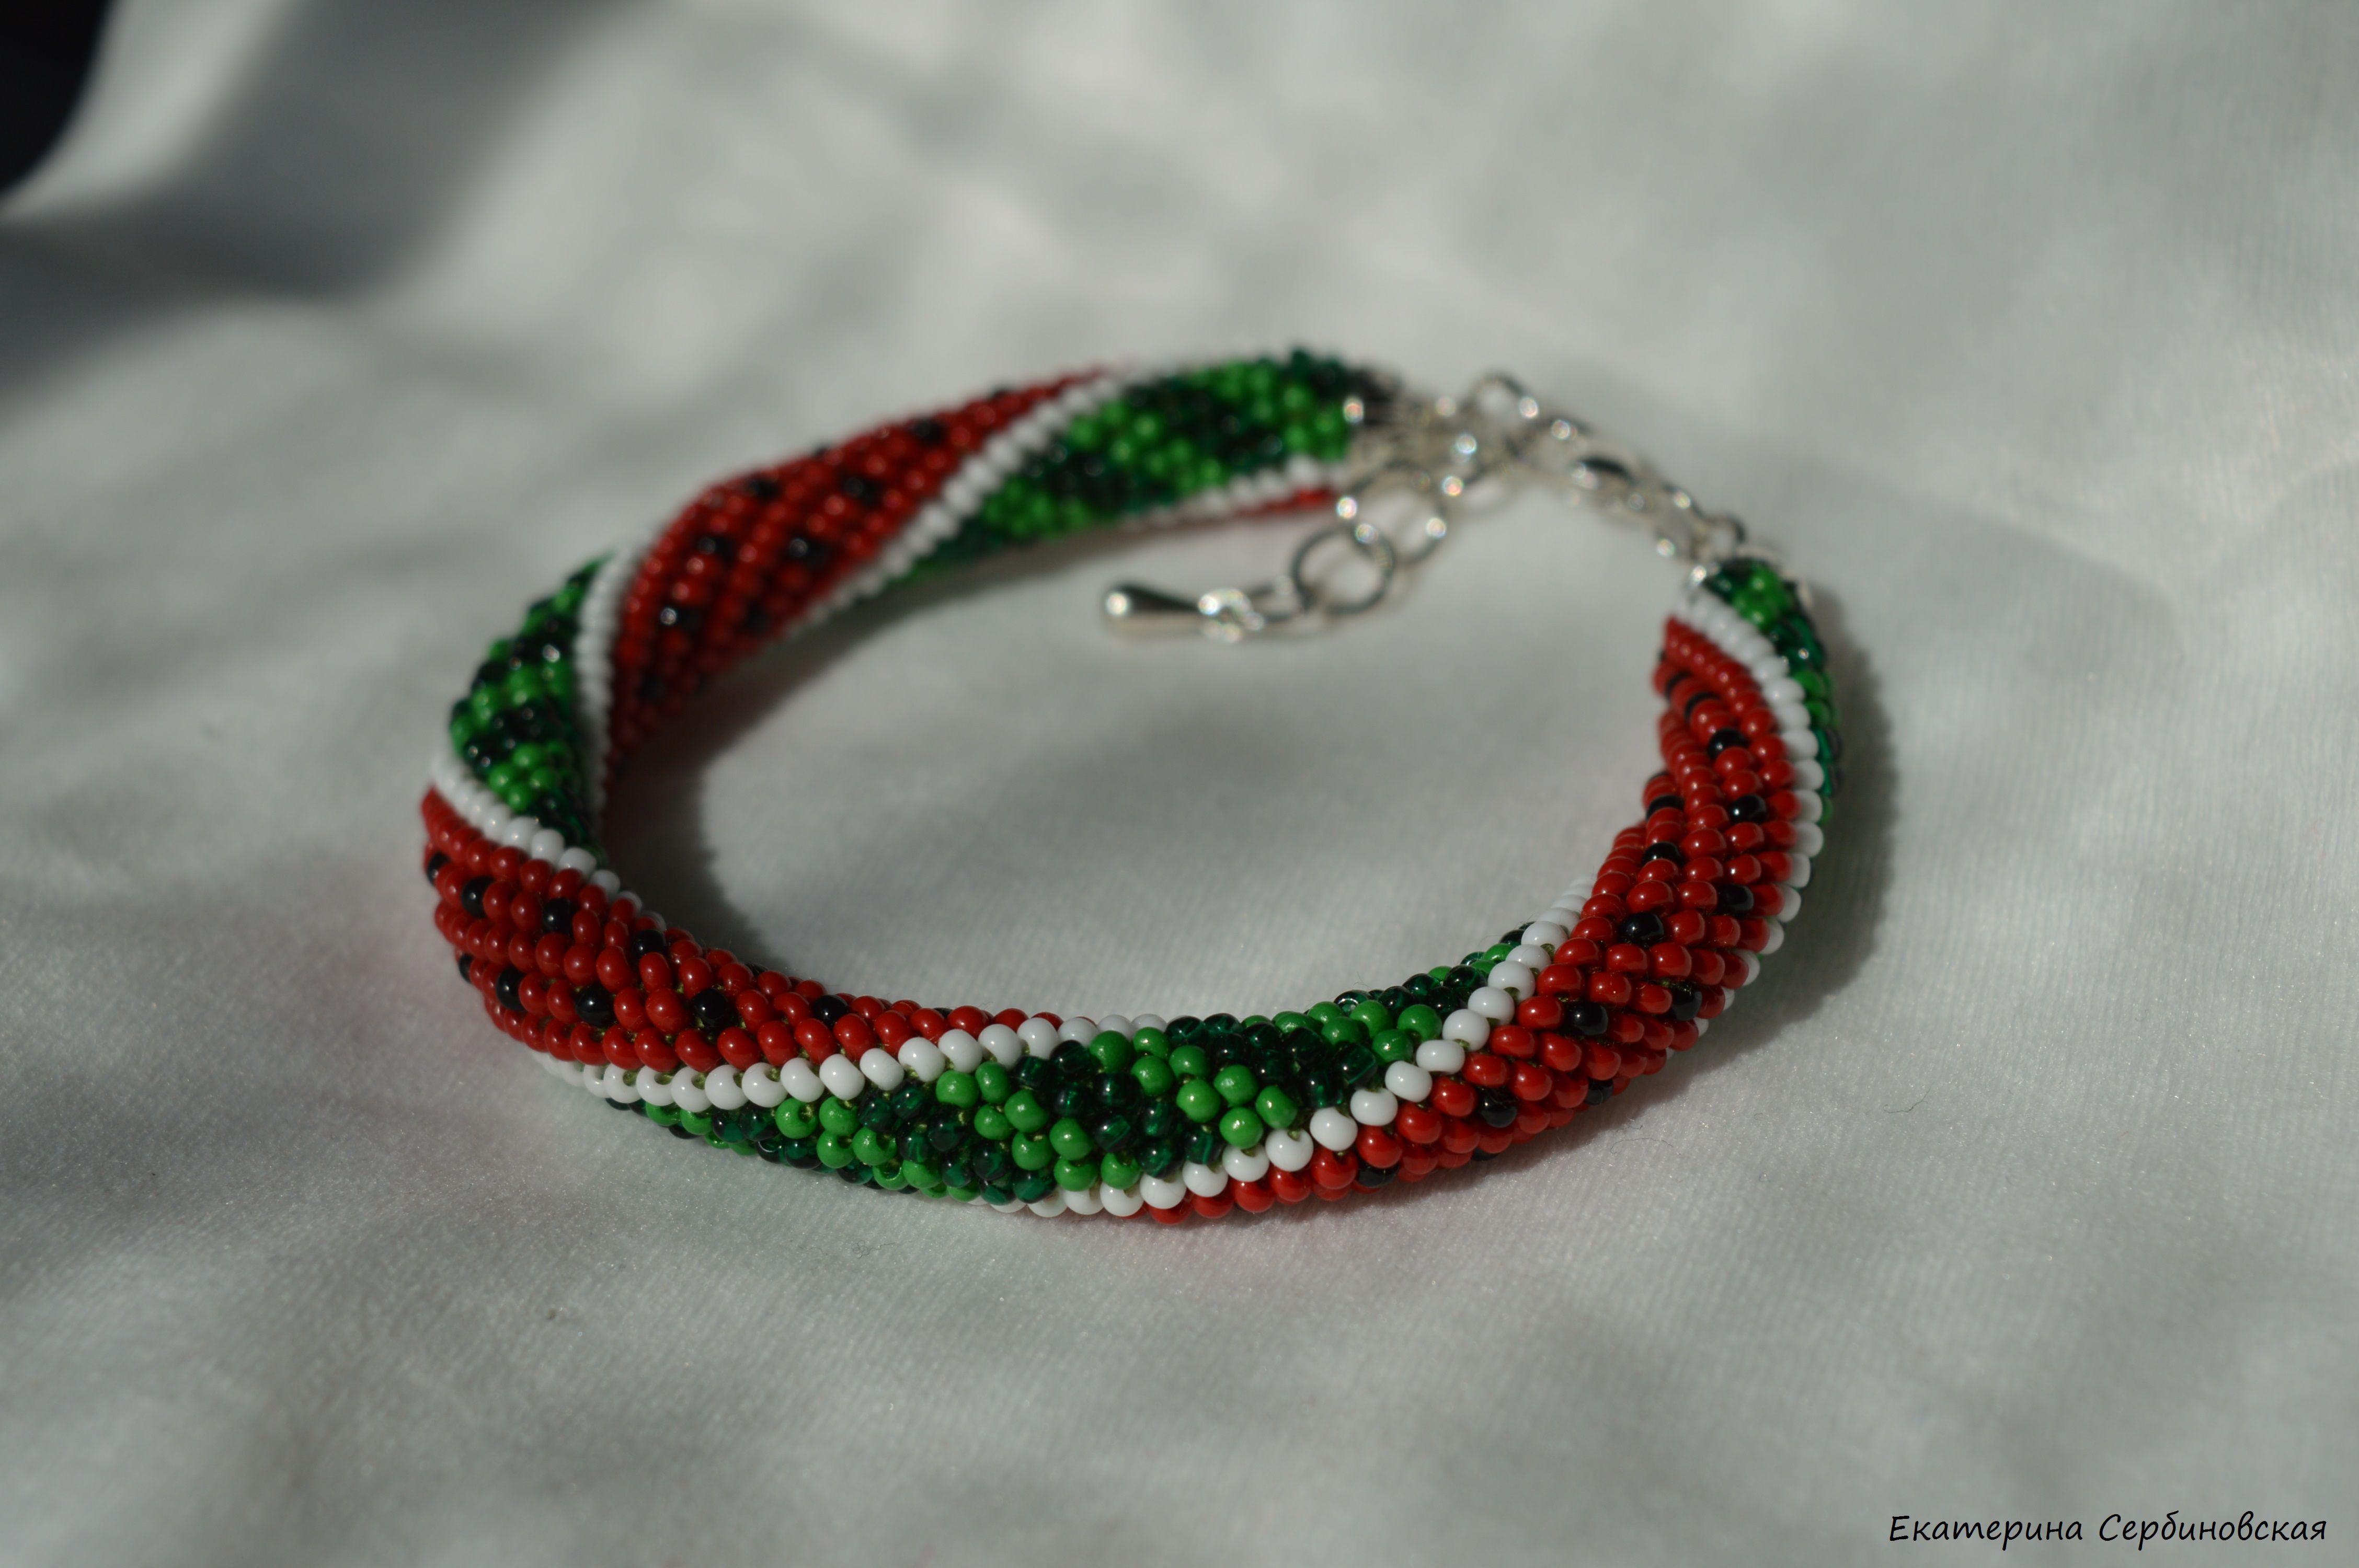 бисерный арбуз украшение бисер браслет handmade зеленый яркий красный